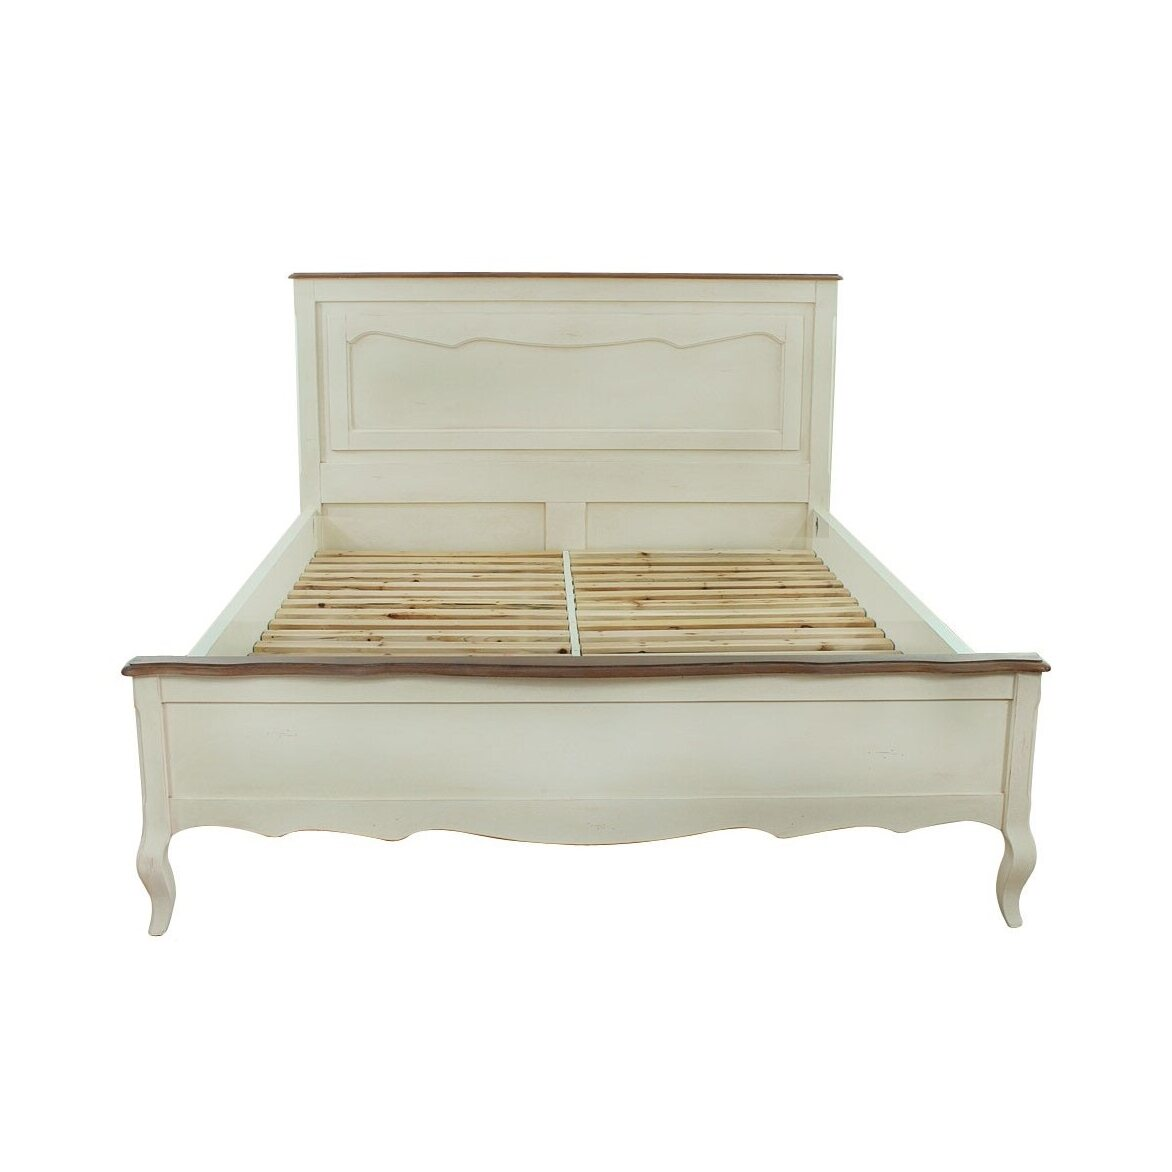 Кровать 140*200 Leontina, бежевого цвета | Односпальные кровати Kingsby